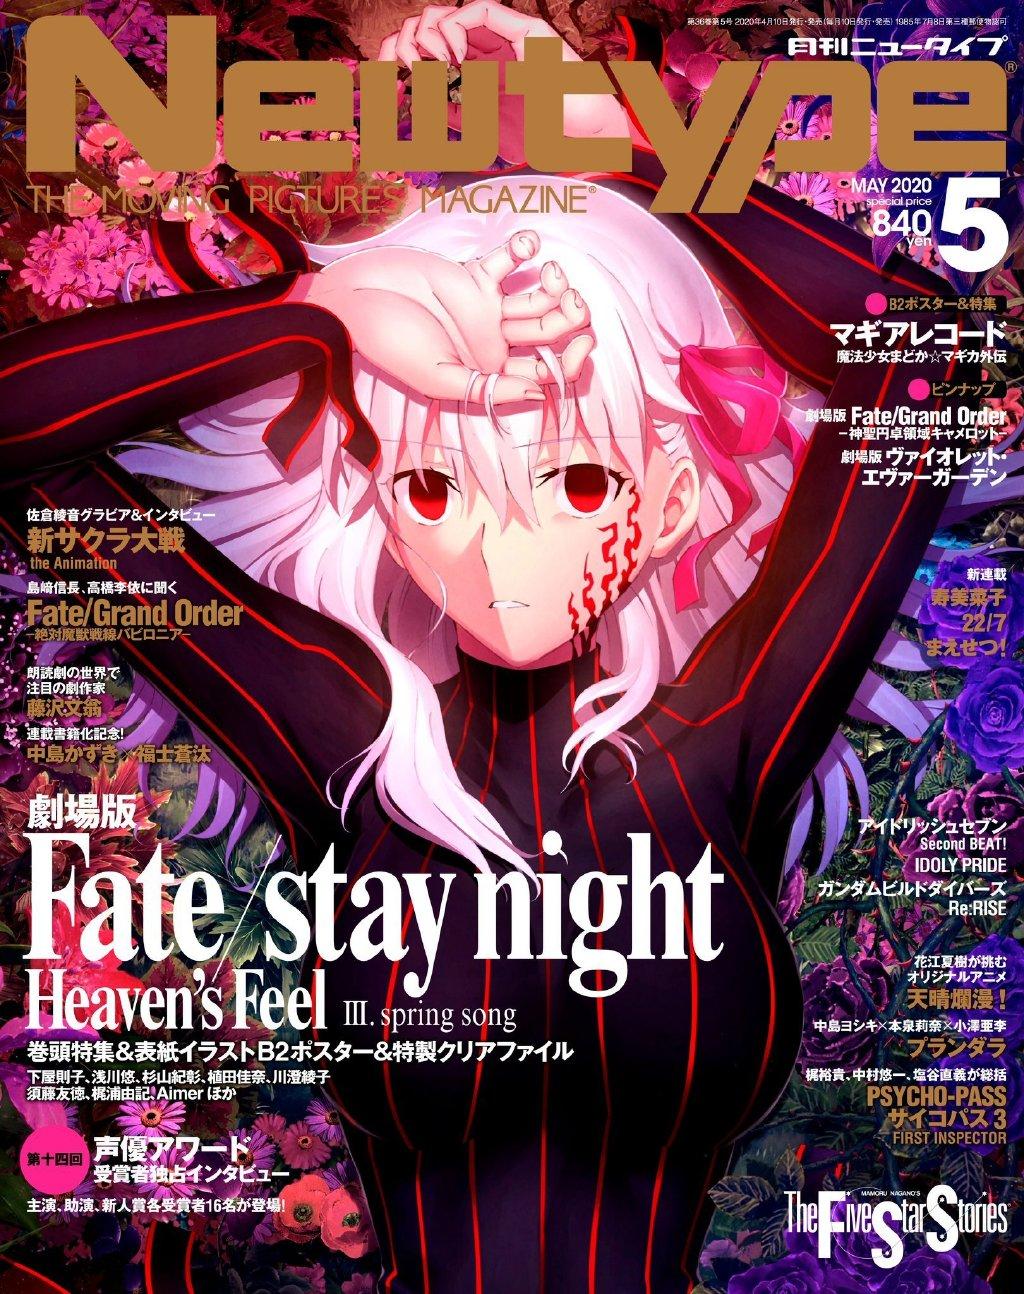 受疫情影响,延期到4月25日上映的《Fate/stay night [HF]》最终章再次宣布延期